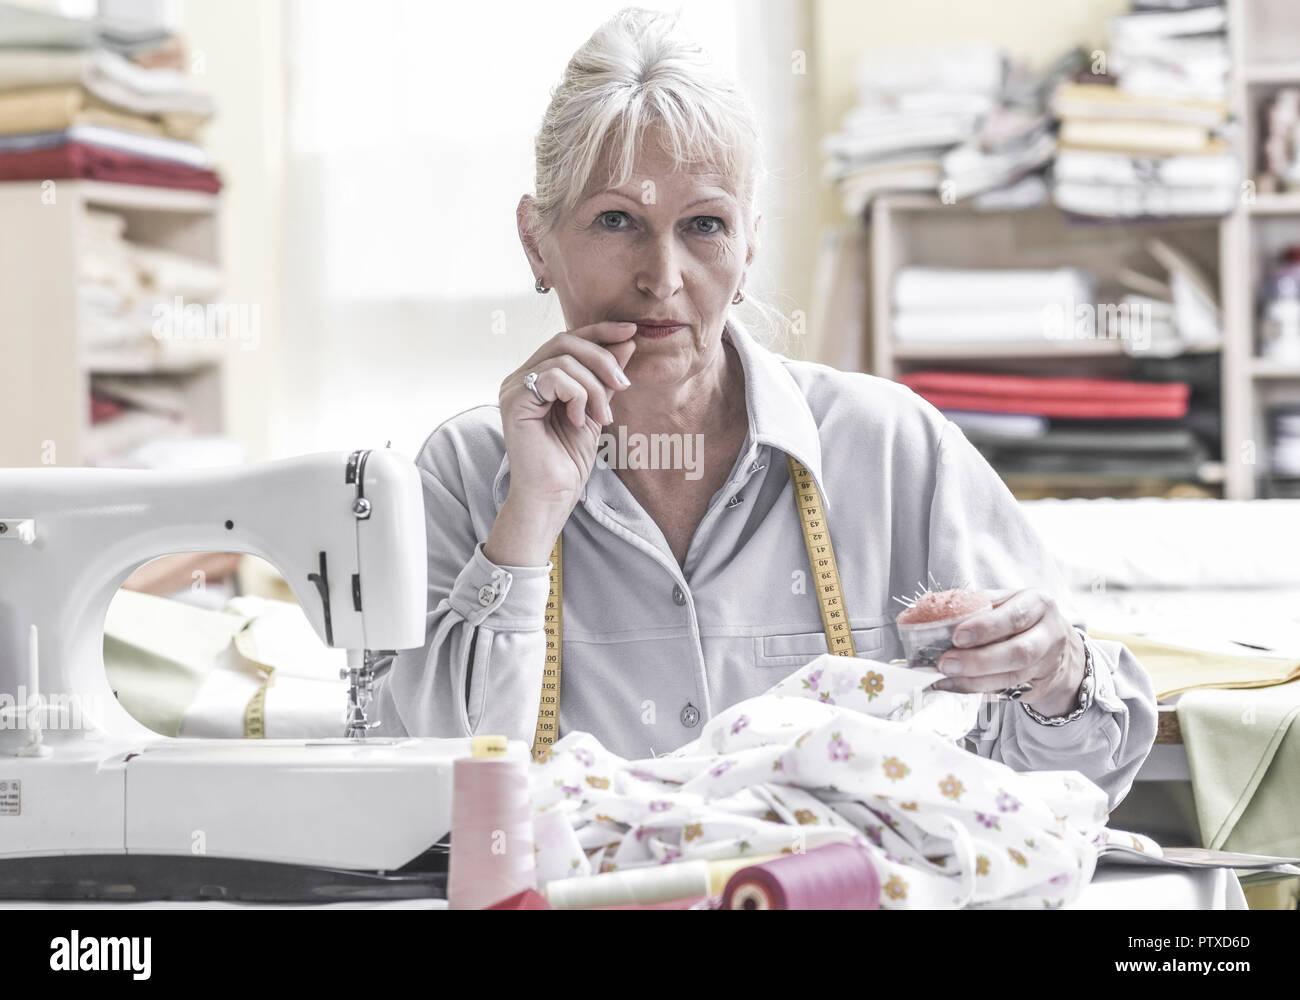 Schneiderin beim Naehen an Naehmaschine (model-released) Stock Photo